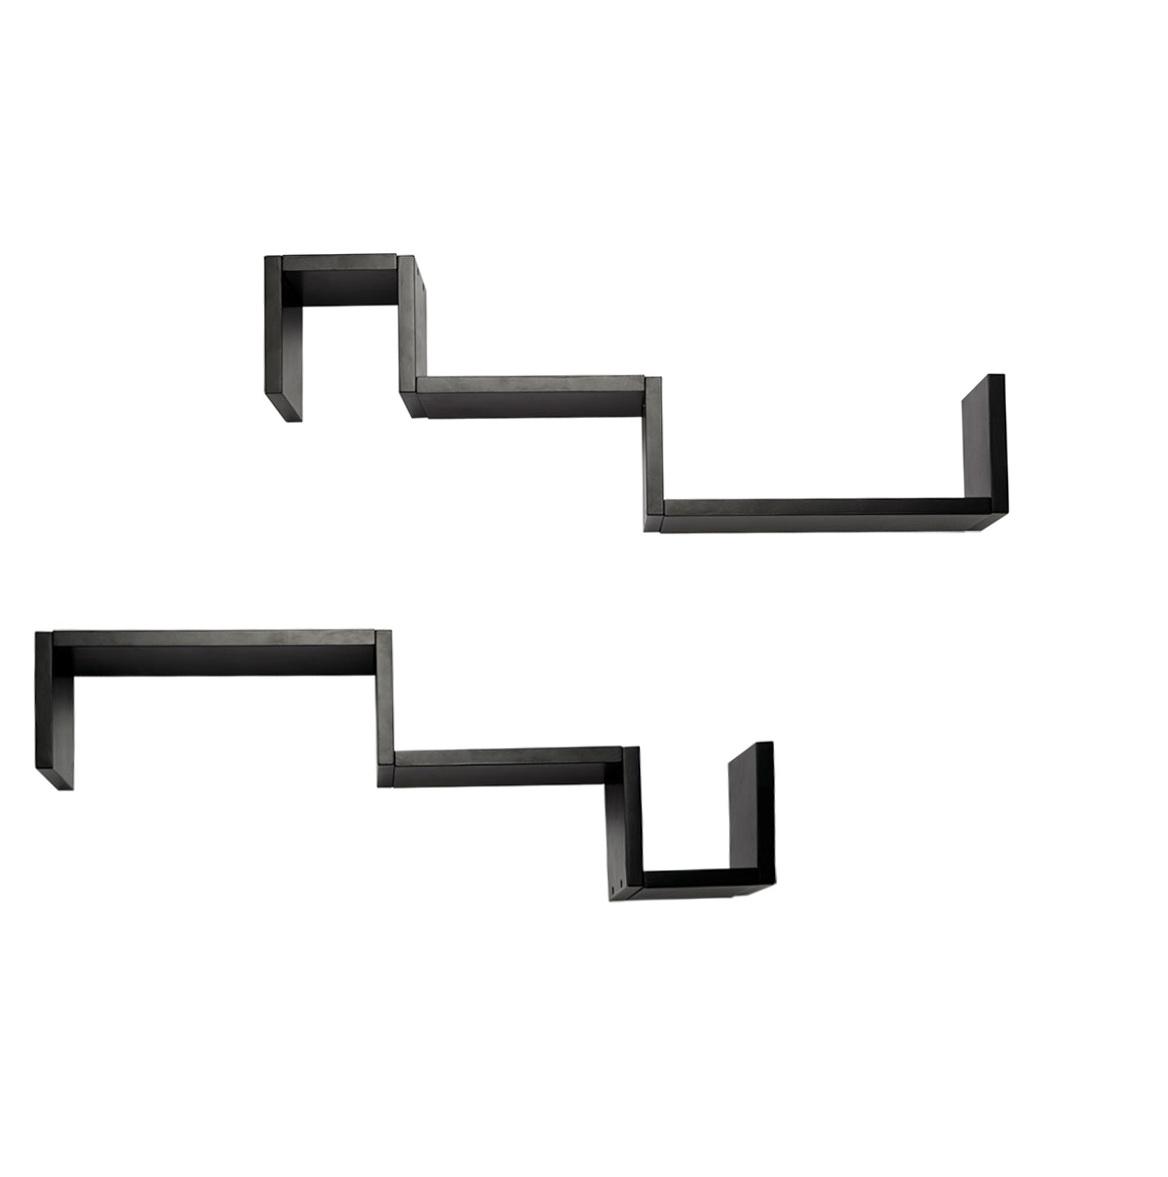 Black Wall Shelves Ikea